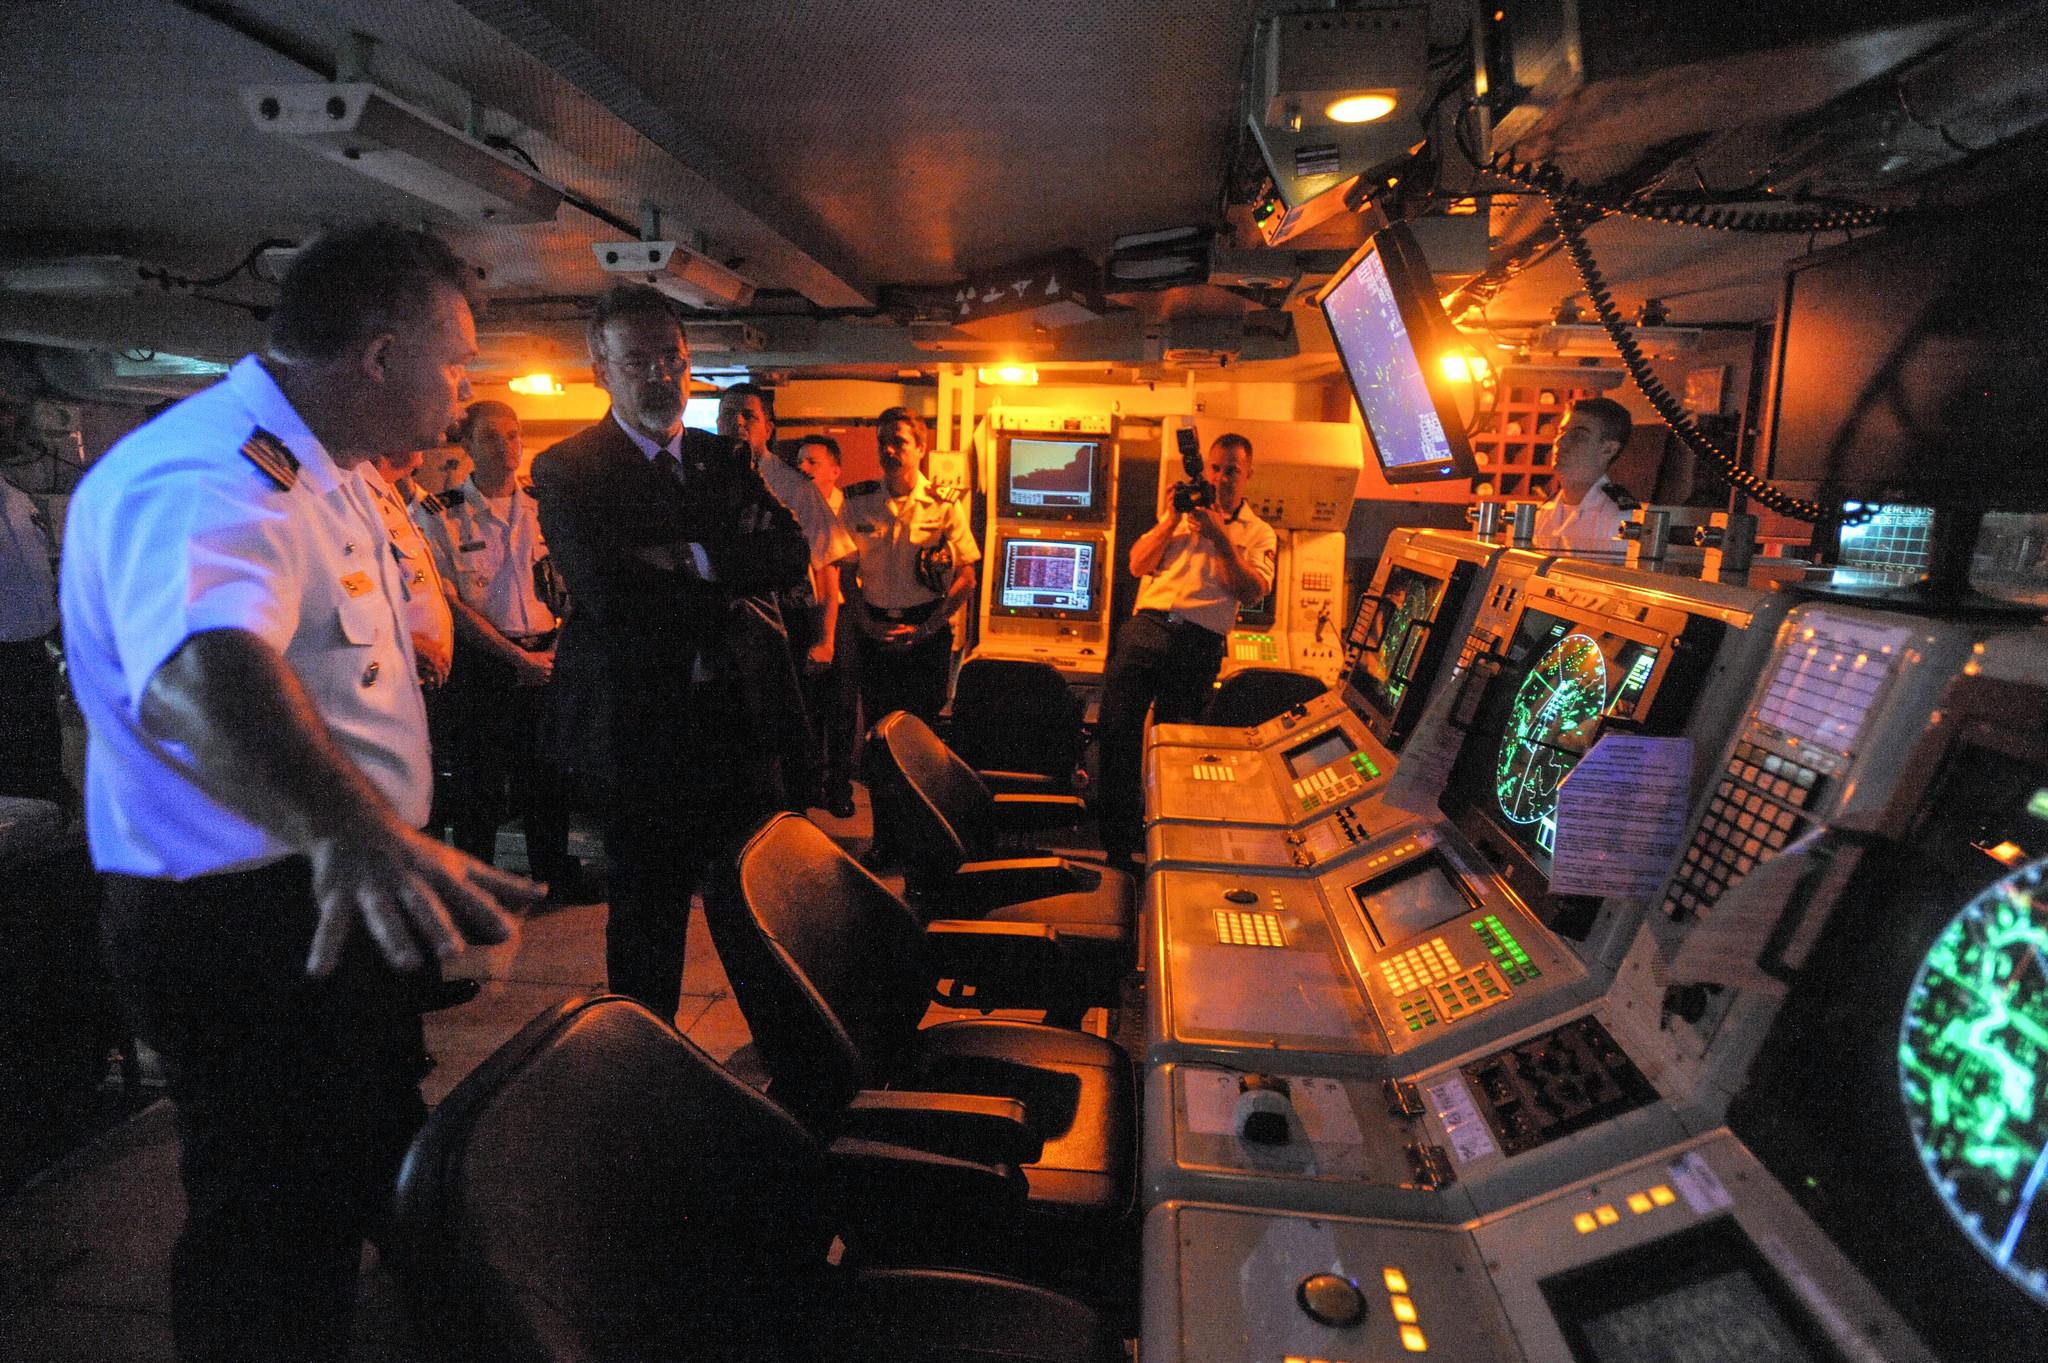 O ministro também conheceu o Centro de Operações de Combate da fragata Constituição